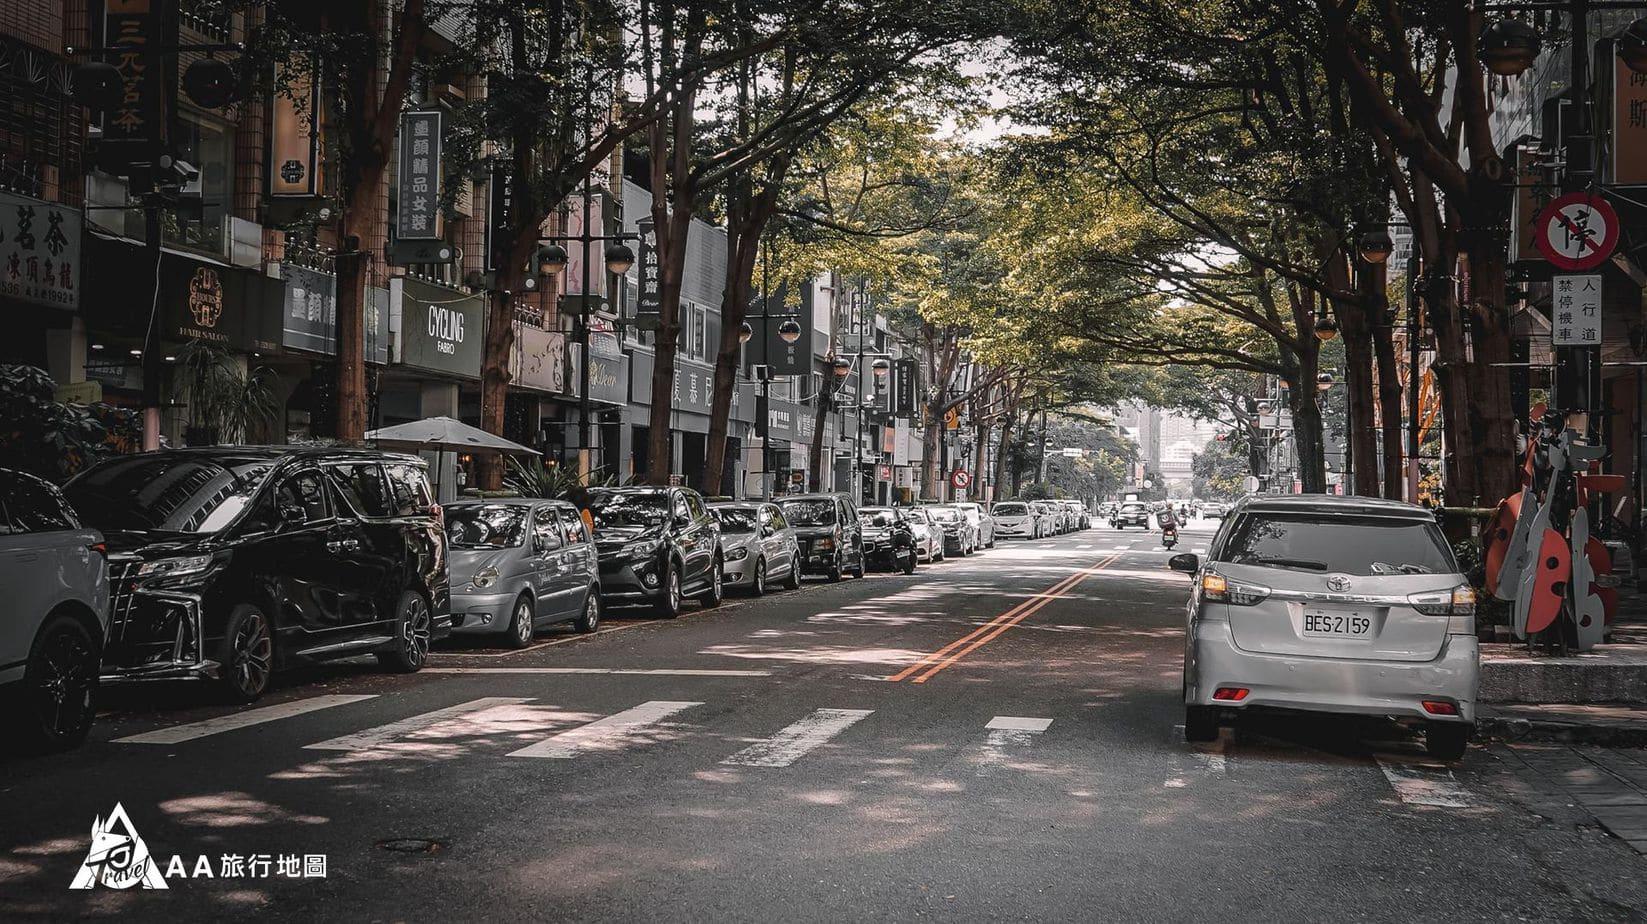 HomeComing 旁邊的馬路有停車位,如果停滿了附近也有停車場喲